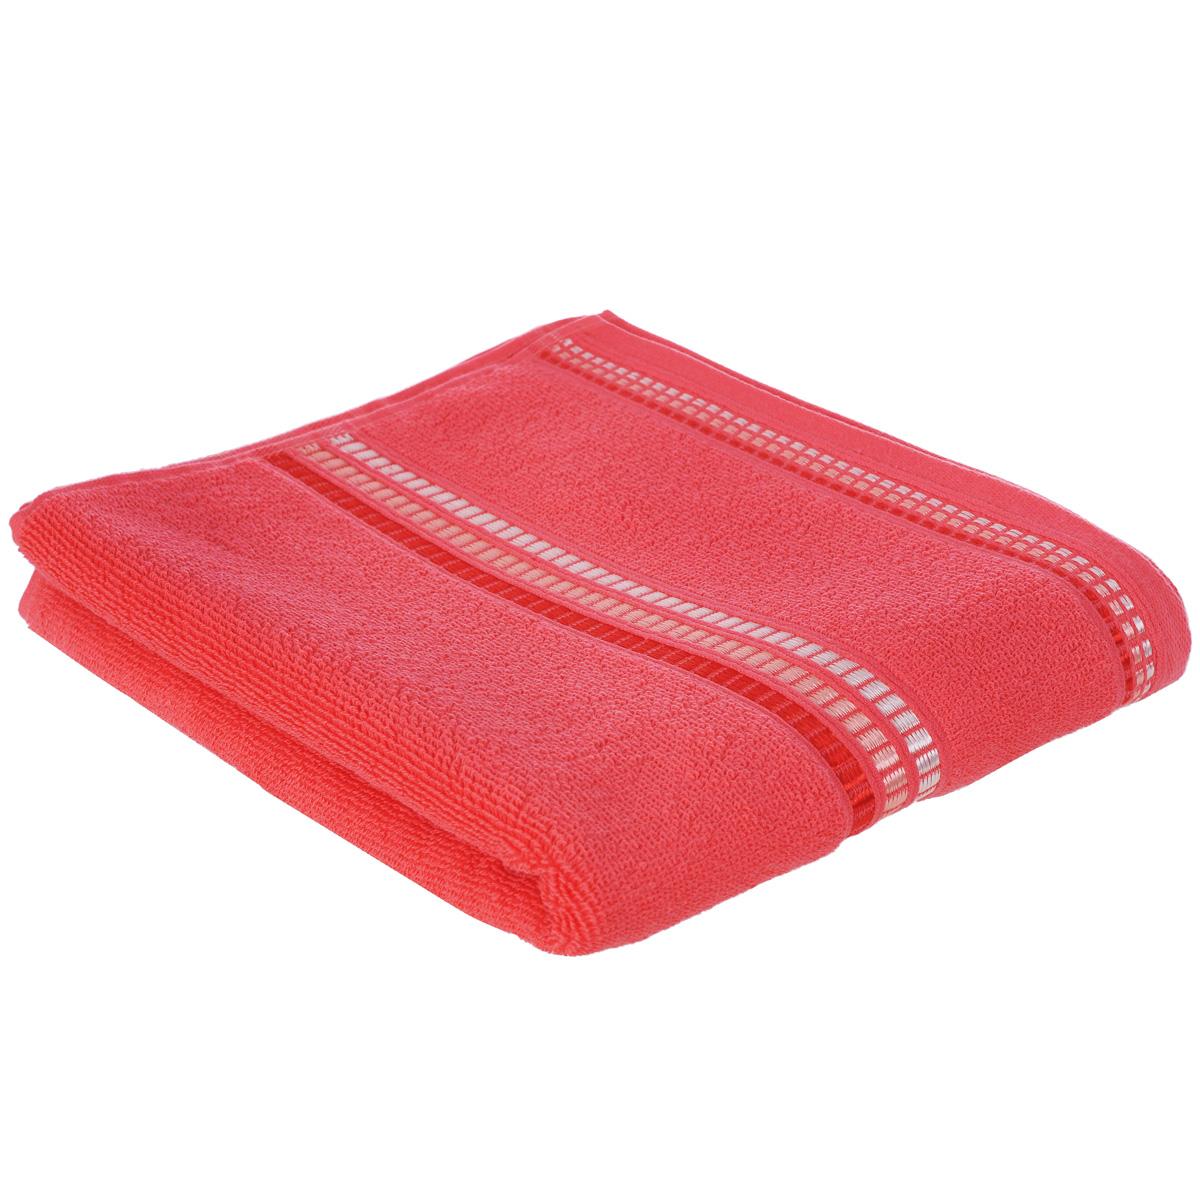 Полотенце махровое Coronet Пиано, цвет: коралловый, 50 х 90 смES-412Махровое полотенце Coronet Пиано, изготовленное из натурального хлопка, подарит массу положительных эмоций и приятных ощущений. Полотенце отличается нежностью и мягкостью материала, утонченным дизайном и превосходным качеством. Оно прекрасно впитывает влагу, быстро сохнет и не теряет своих свойств после многократных стирок. Махровое полотенце Coronet Пиано станет достойным выбором для вас и приятным подарком для ваших близких. Мягкость и высокое качество материала, из которого изготовлены полотенца не оставит вас равнодушными.